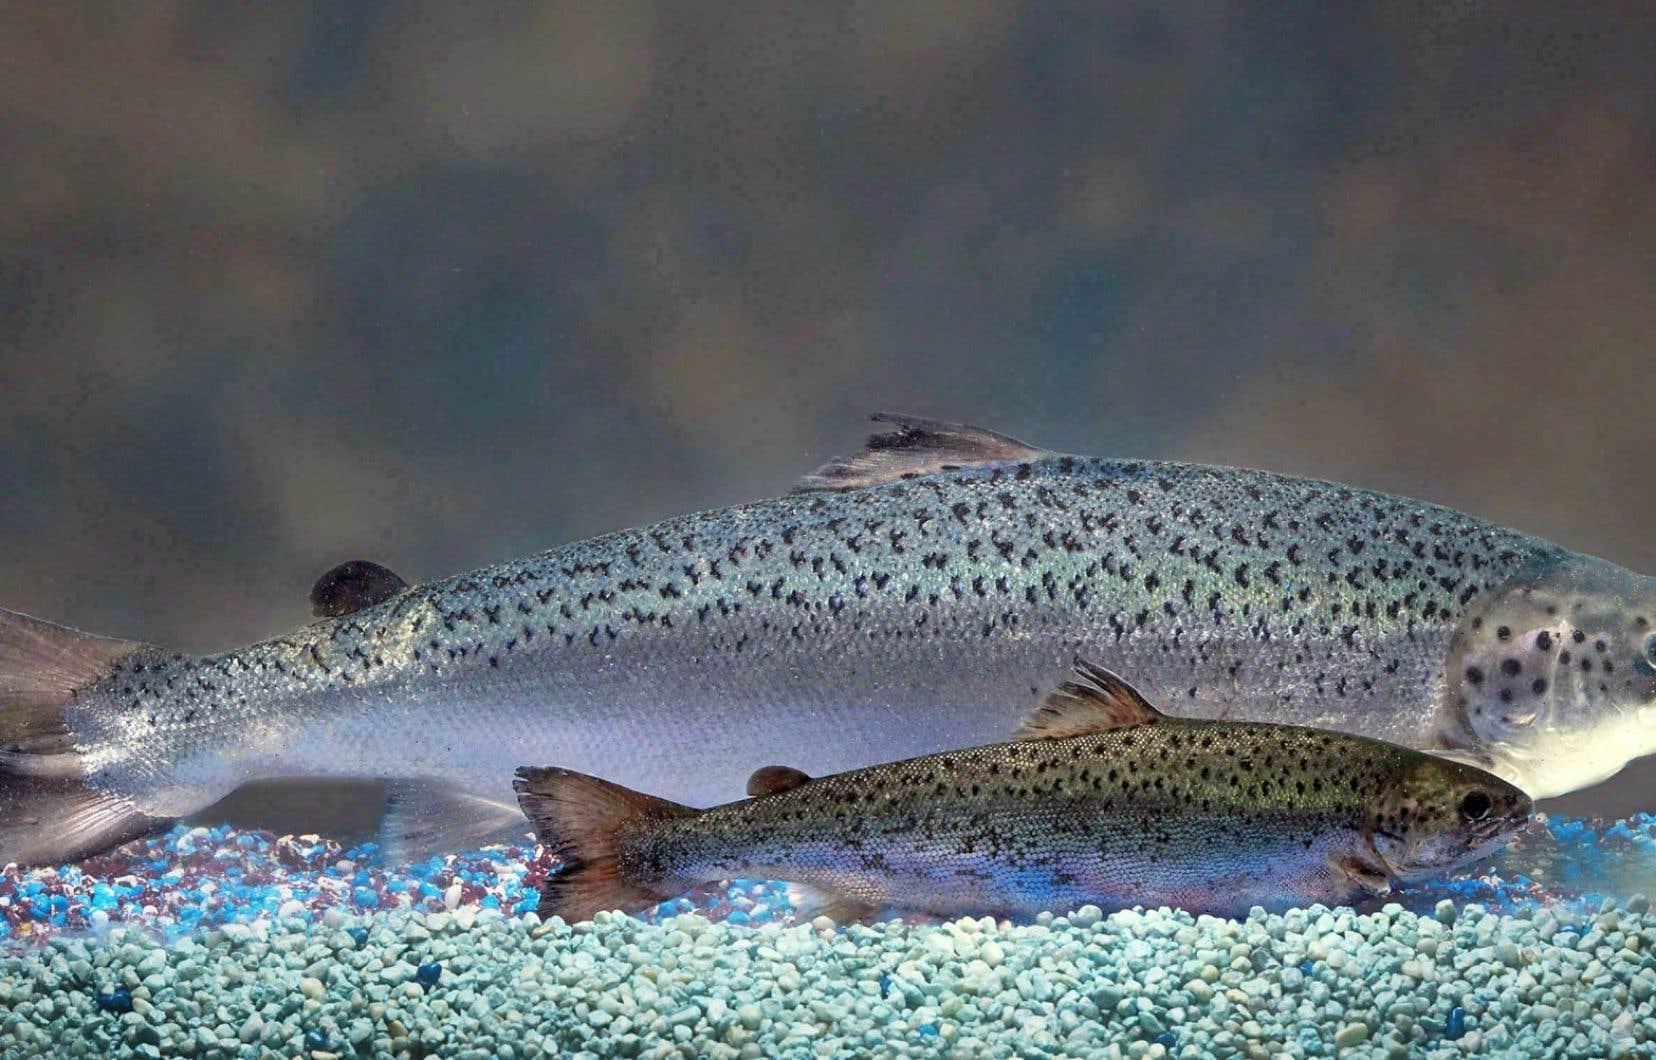 Deux saumons du même âge, celui en arrière-plan étant génétiquement modifié